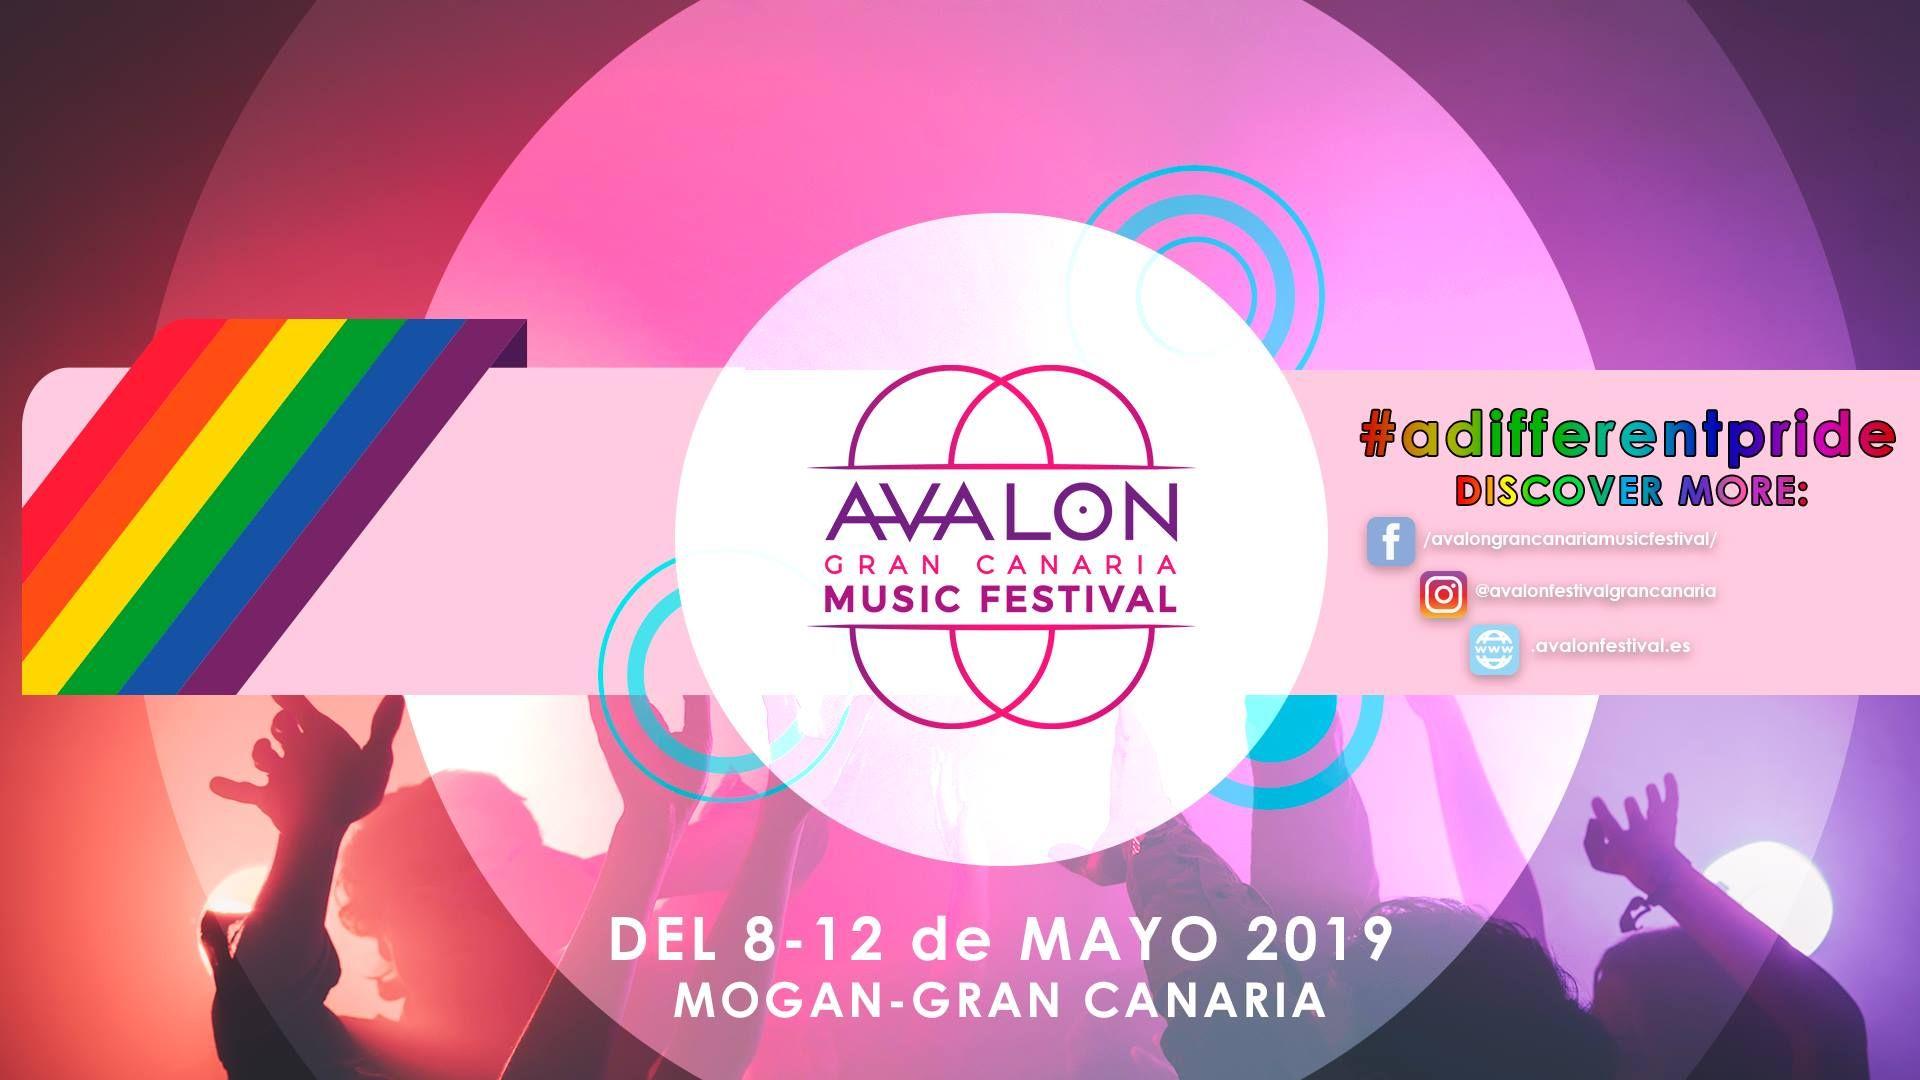 Fotografia AVALON Gran Canaria Music Festival